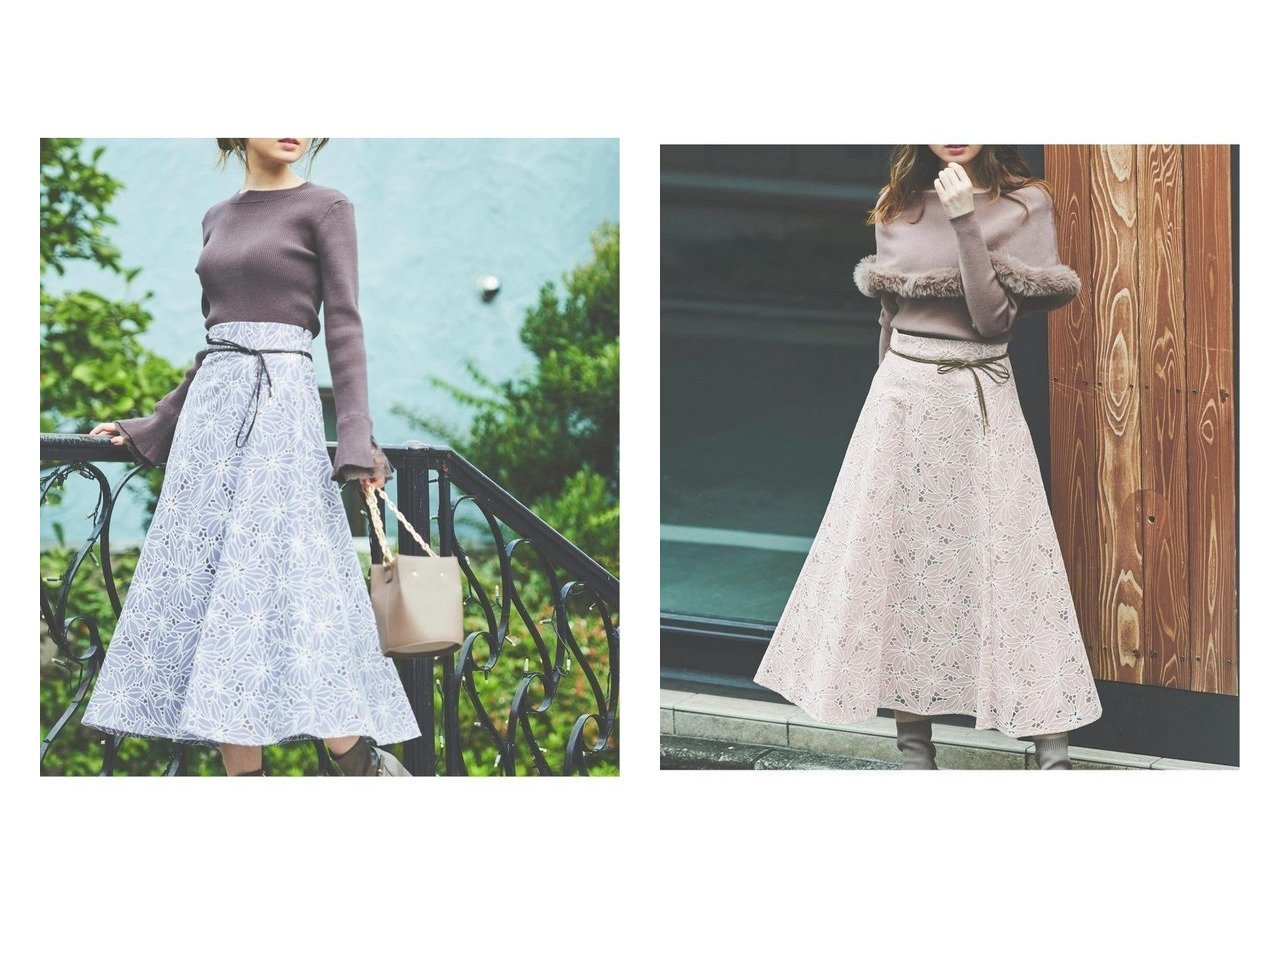 【Noela/ノエラ】のオパールレーススカート 【スカート】おすすめ!人気、トレンド・レディースファッションの通販 おすすめで人気の流行・トレンド、ファッションの通販商品 インテリア・家具・メンズファッション・キッズファッション・レディースファッション・服の通販 founy(ファニー) https://founy.com/ ファッション Fashion レディースファッション WOMEN スカート Skirt Aライン/フレアスカート Flared A-Line Skirts フレア リボン レース |ID:crp329100000072560